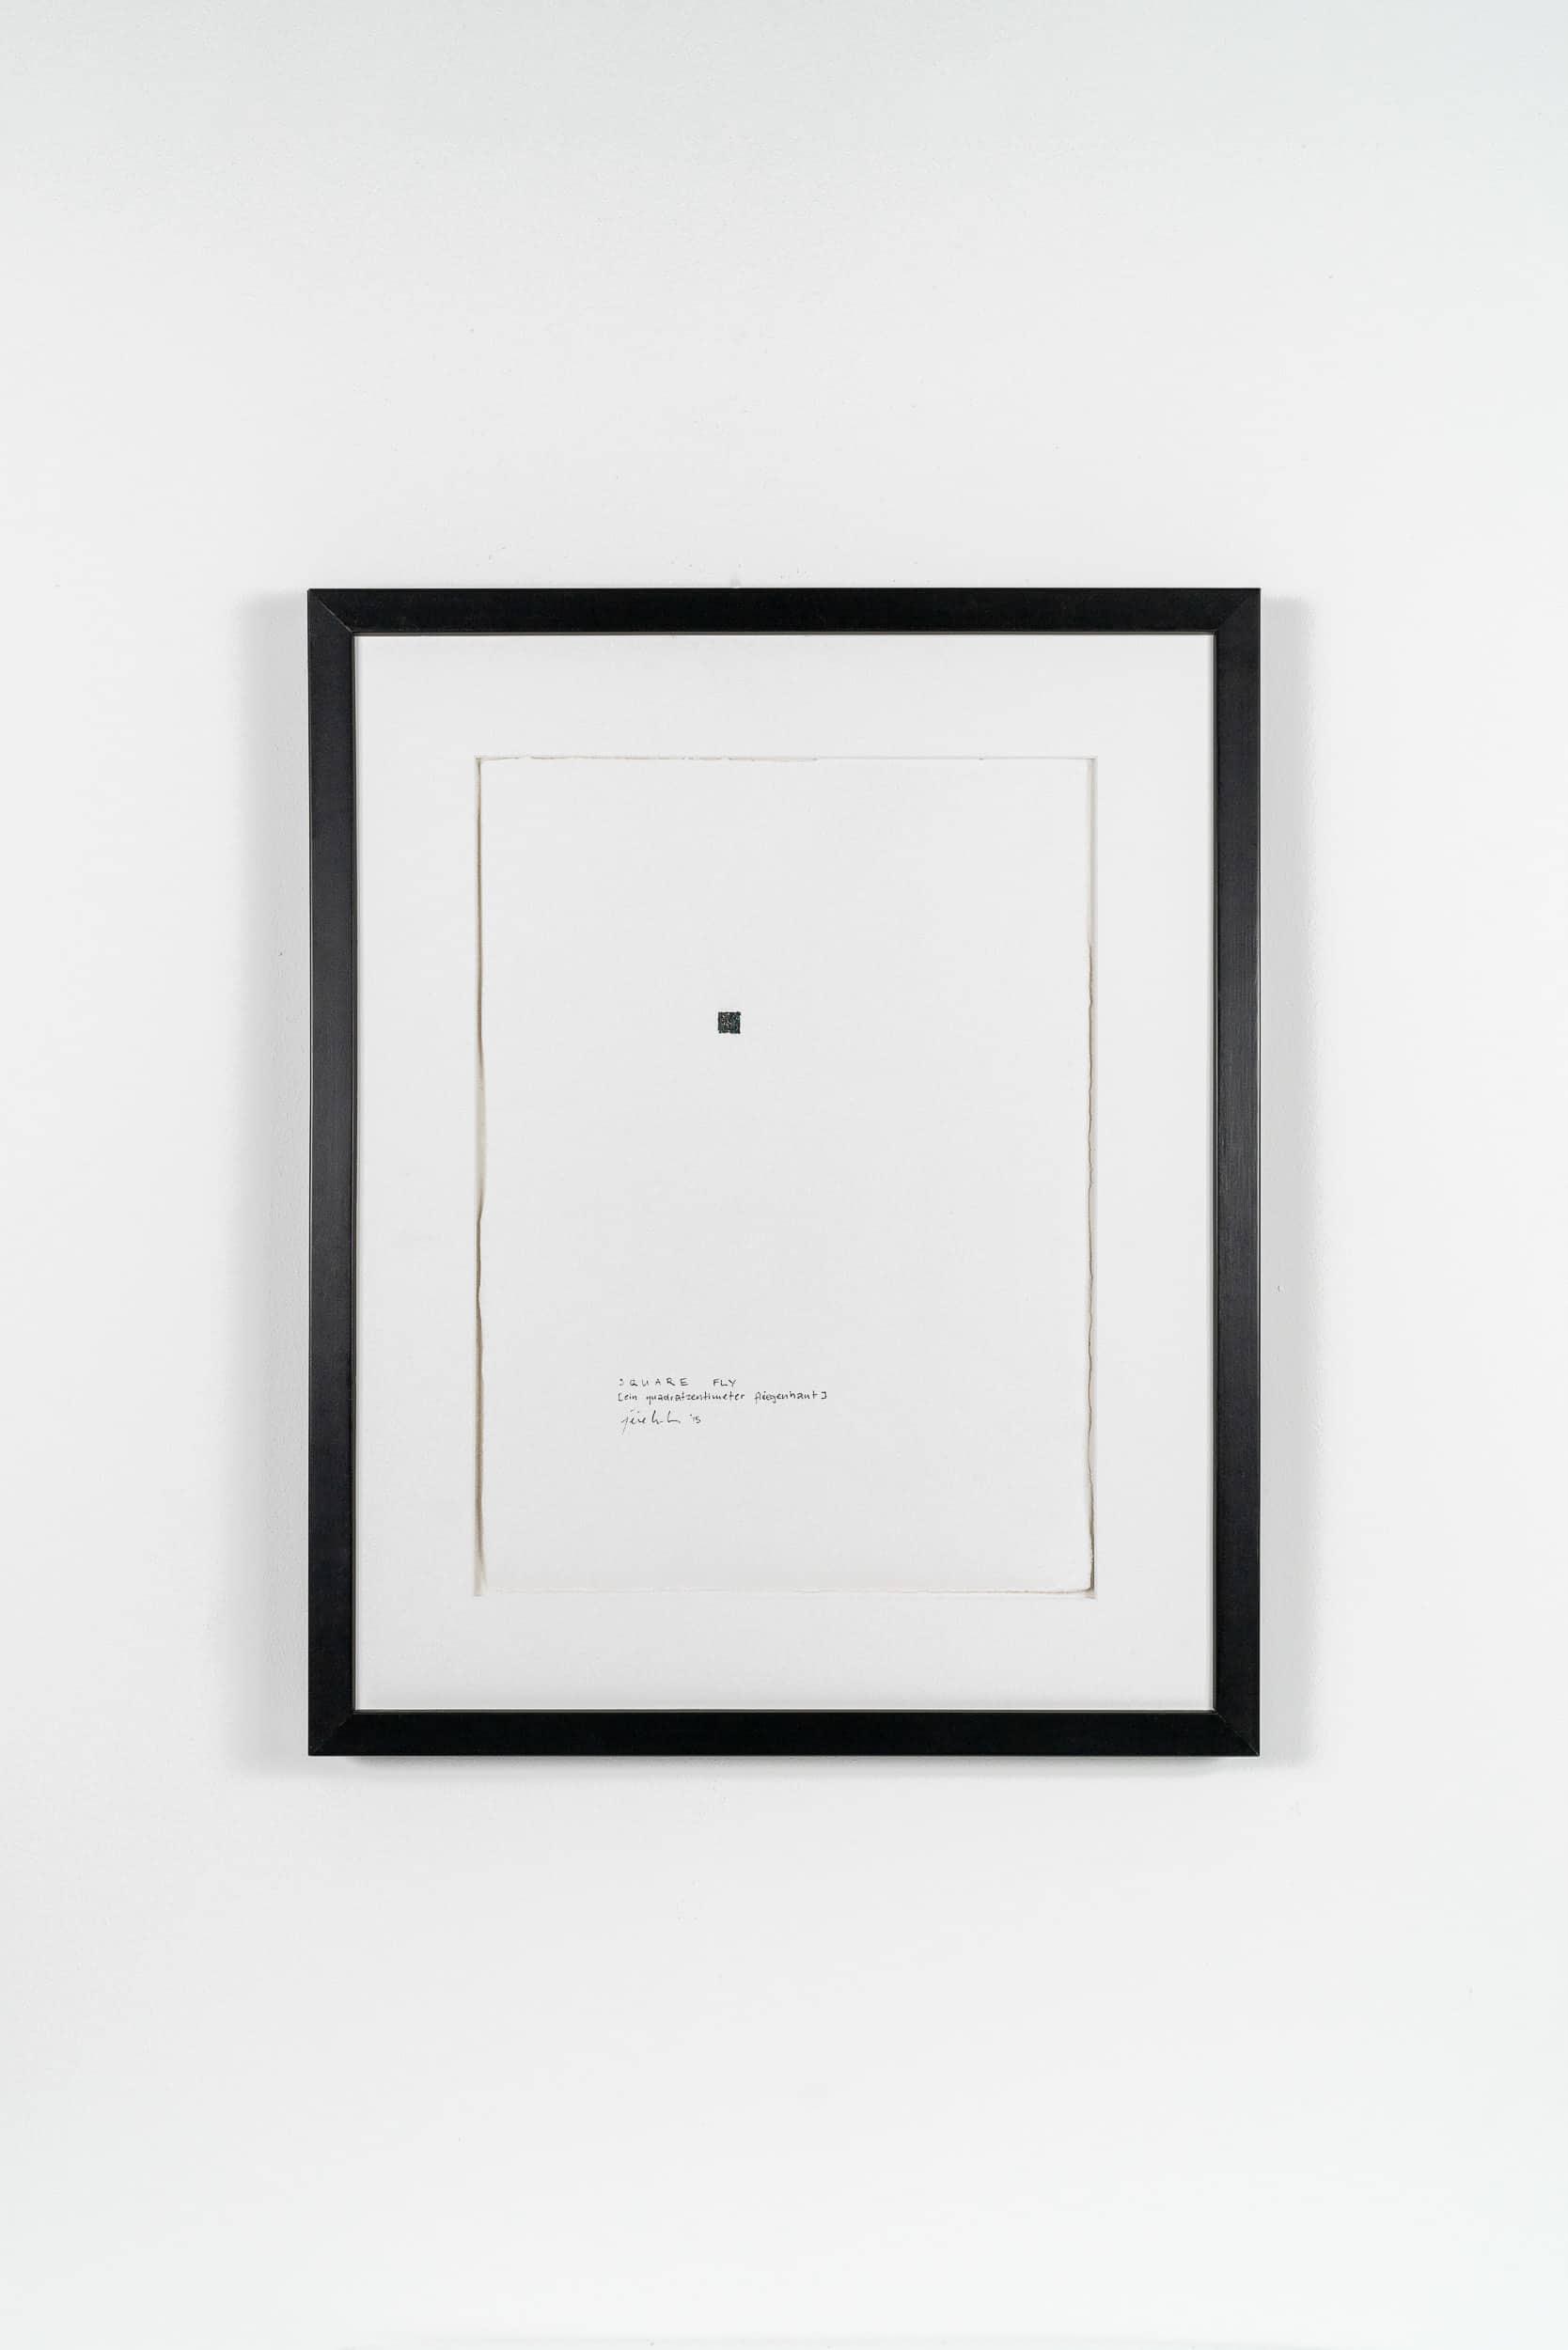 FL04 Flyland 40 × 50 cm Papier / Tusche / Holzdruck / Fliegenhaut 2013